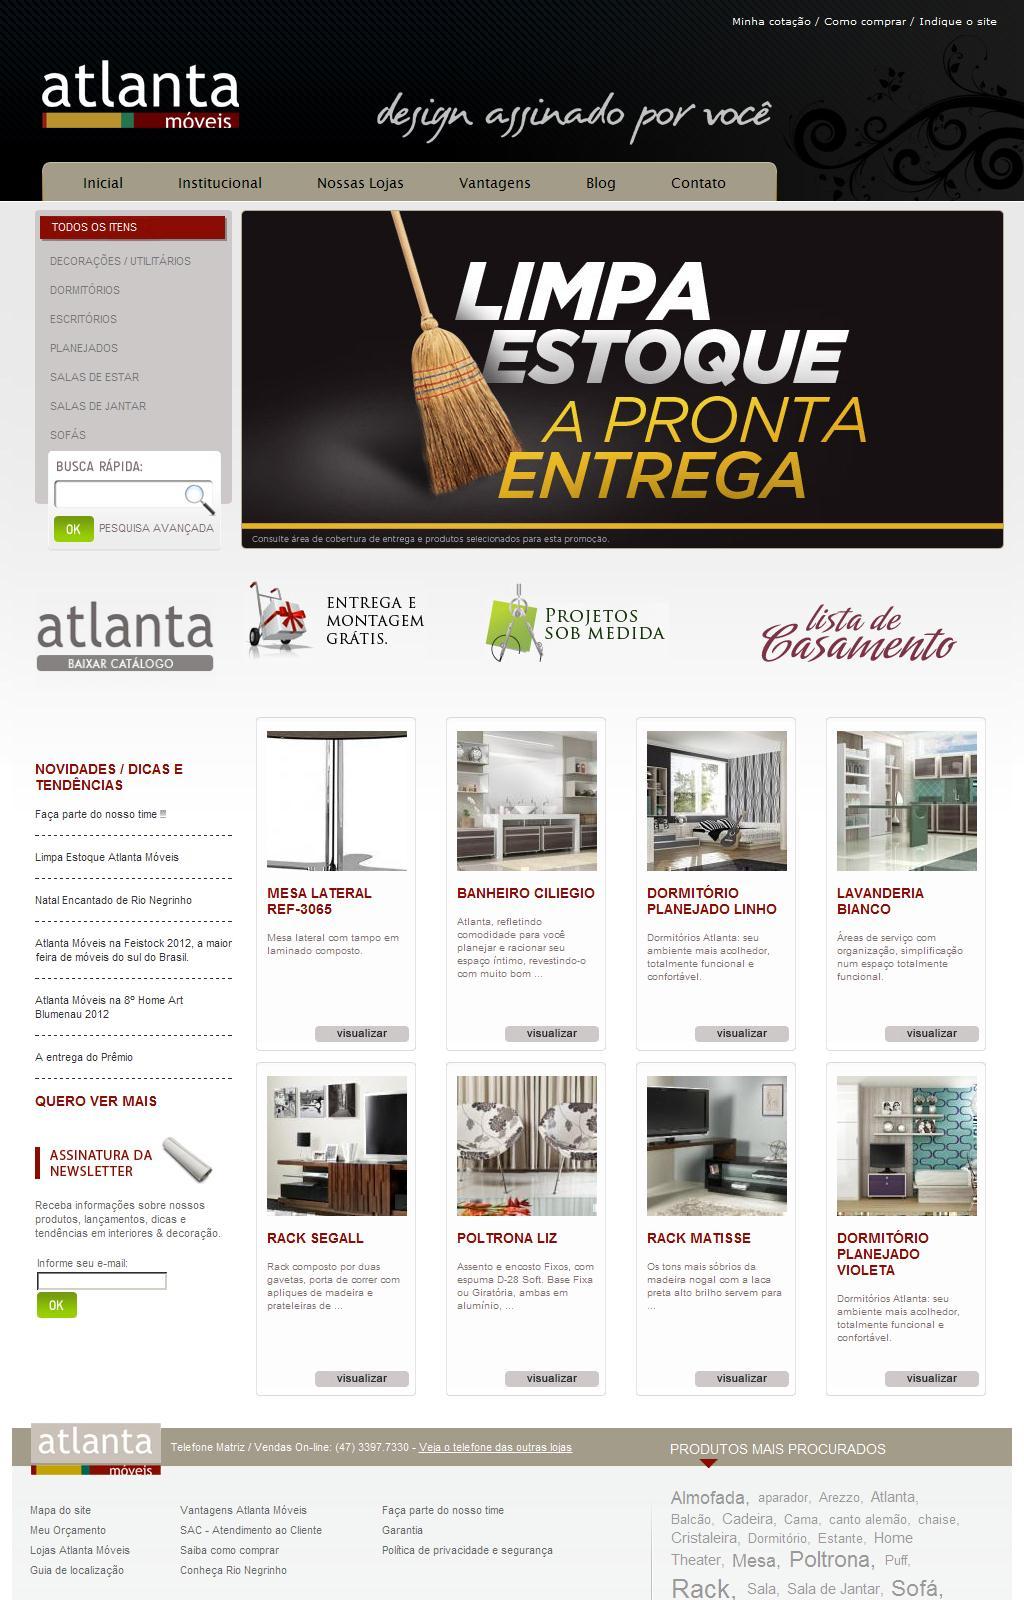 Atlanta Móveis - Design Assinado por Você